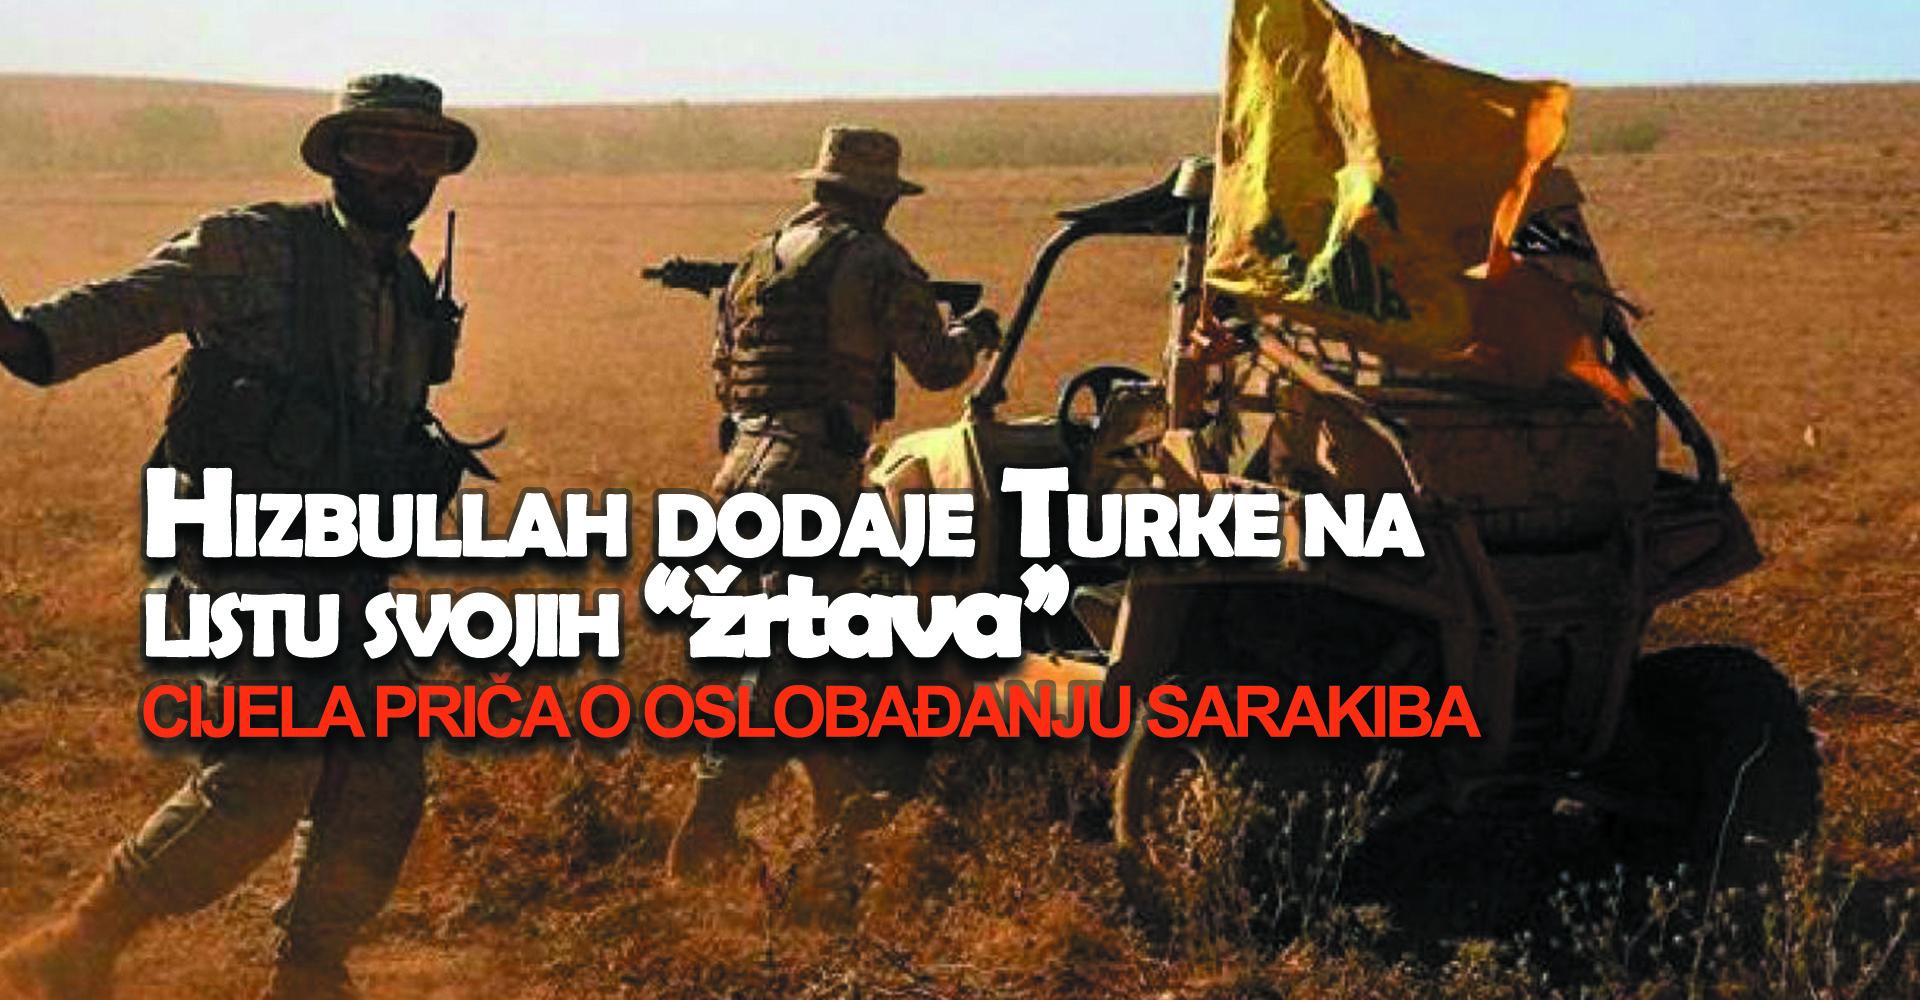 """Hizbullah dodaje Turke na listu svojih """"žrtava"""", cijela priča o oslobađanju Sarakiba"""